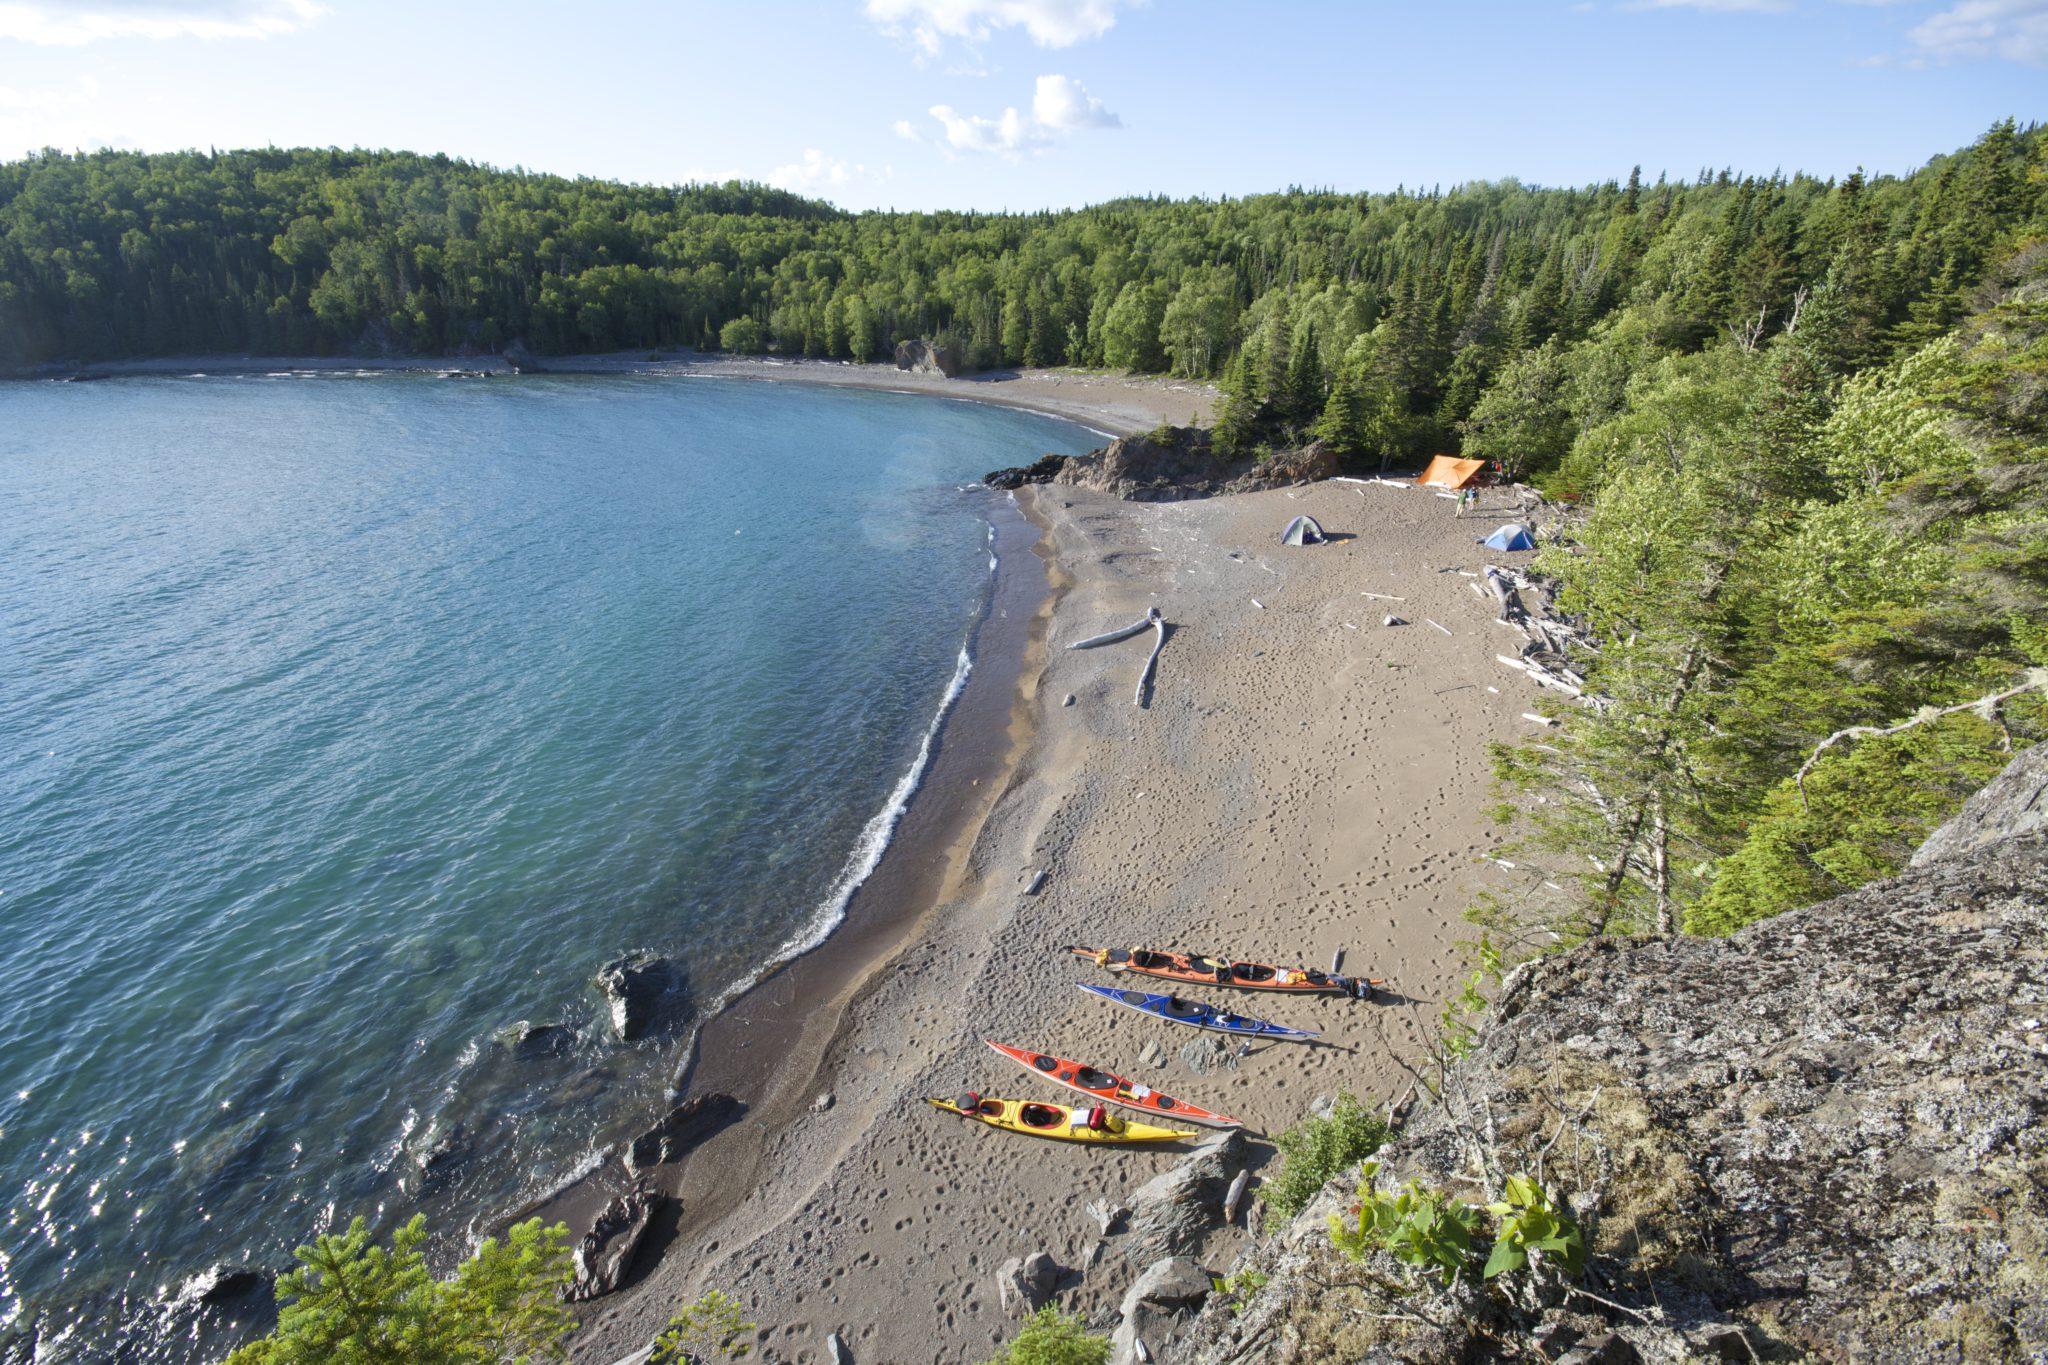 Sea Kayak Canada – Wilderness Kayaking on Lake Superior